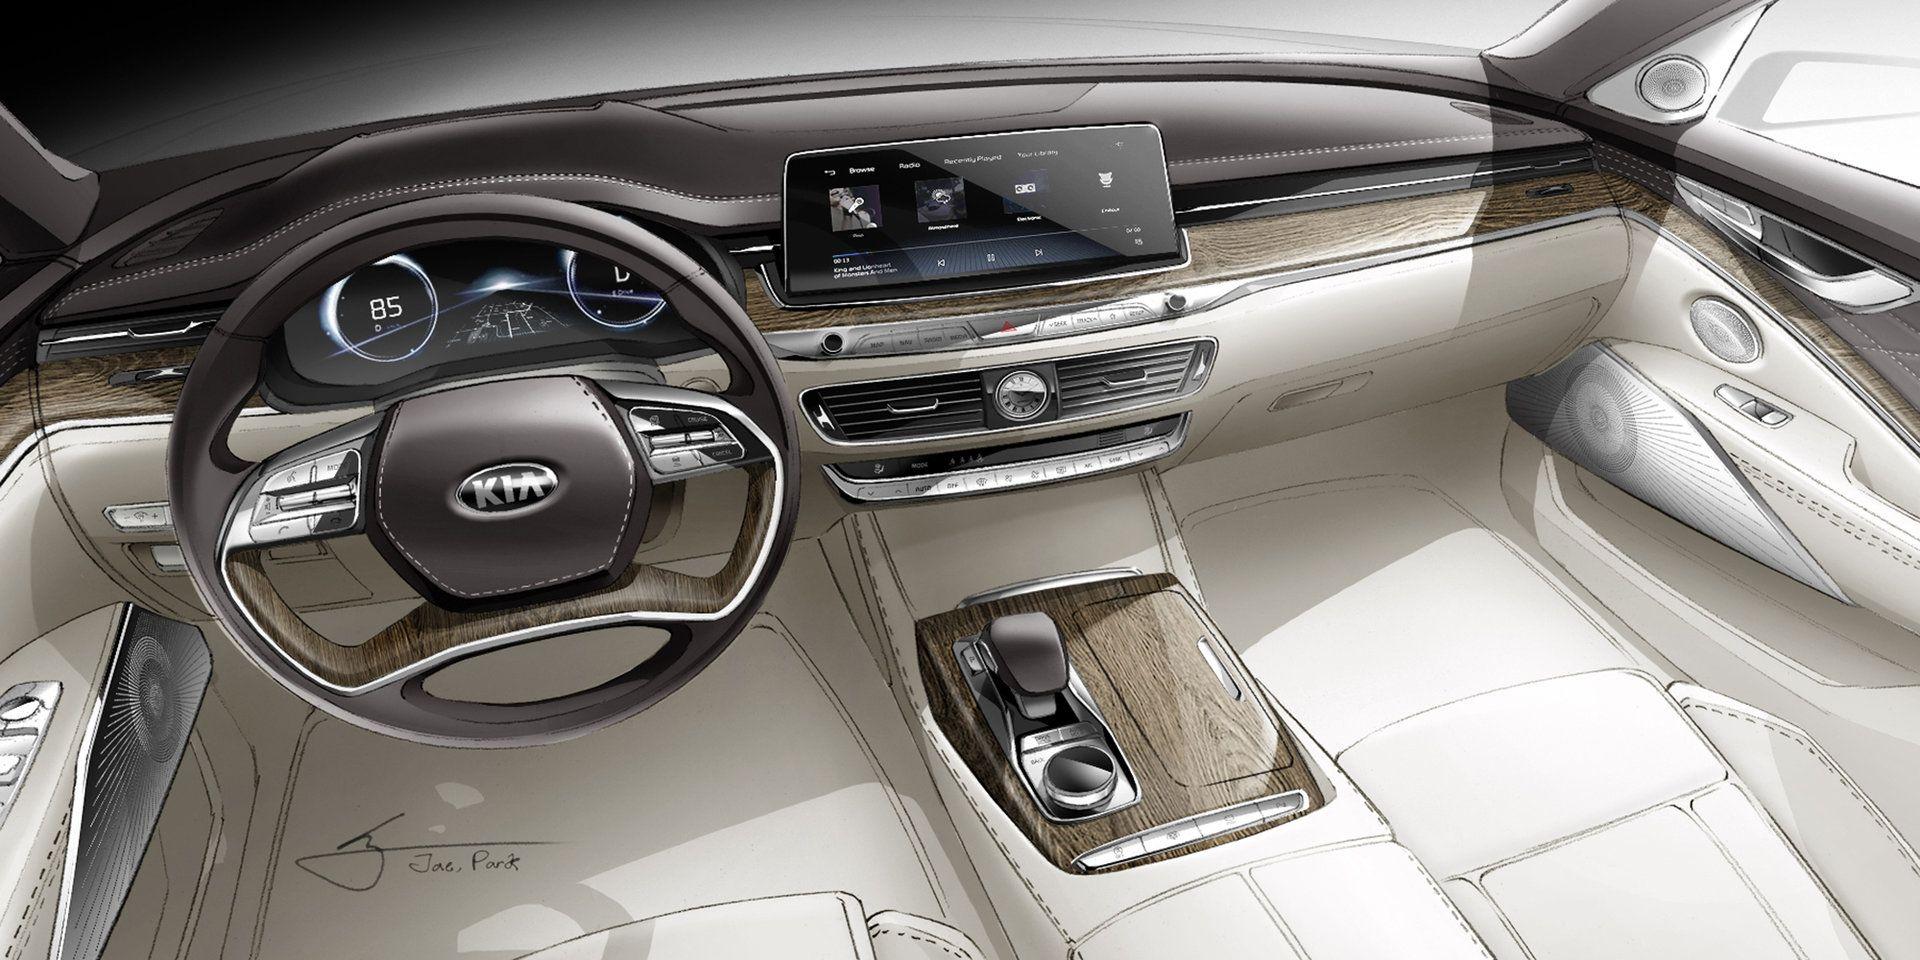 Kia K900 interior (With images) Interior sketch